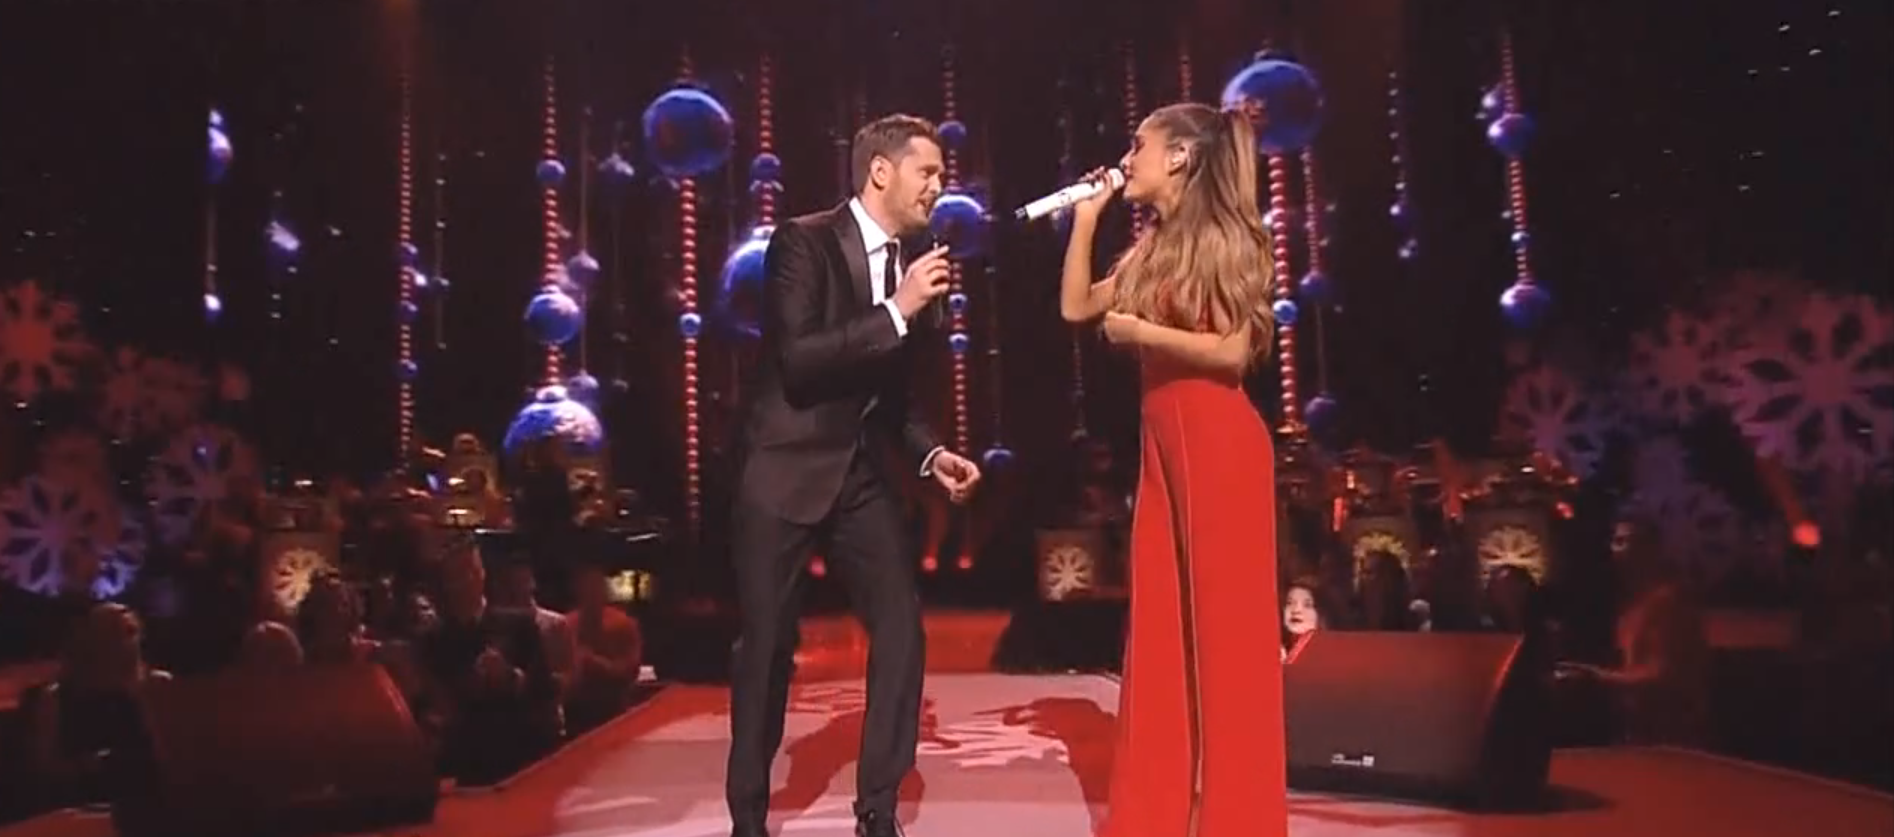 Michael Bublé y Ariana Grande cantaron el clásico navideño 'Santa Claus Is Coming to Town'. Foto: Dailymotion/IdolxMuzic